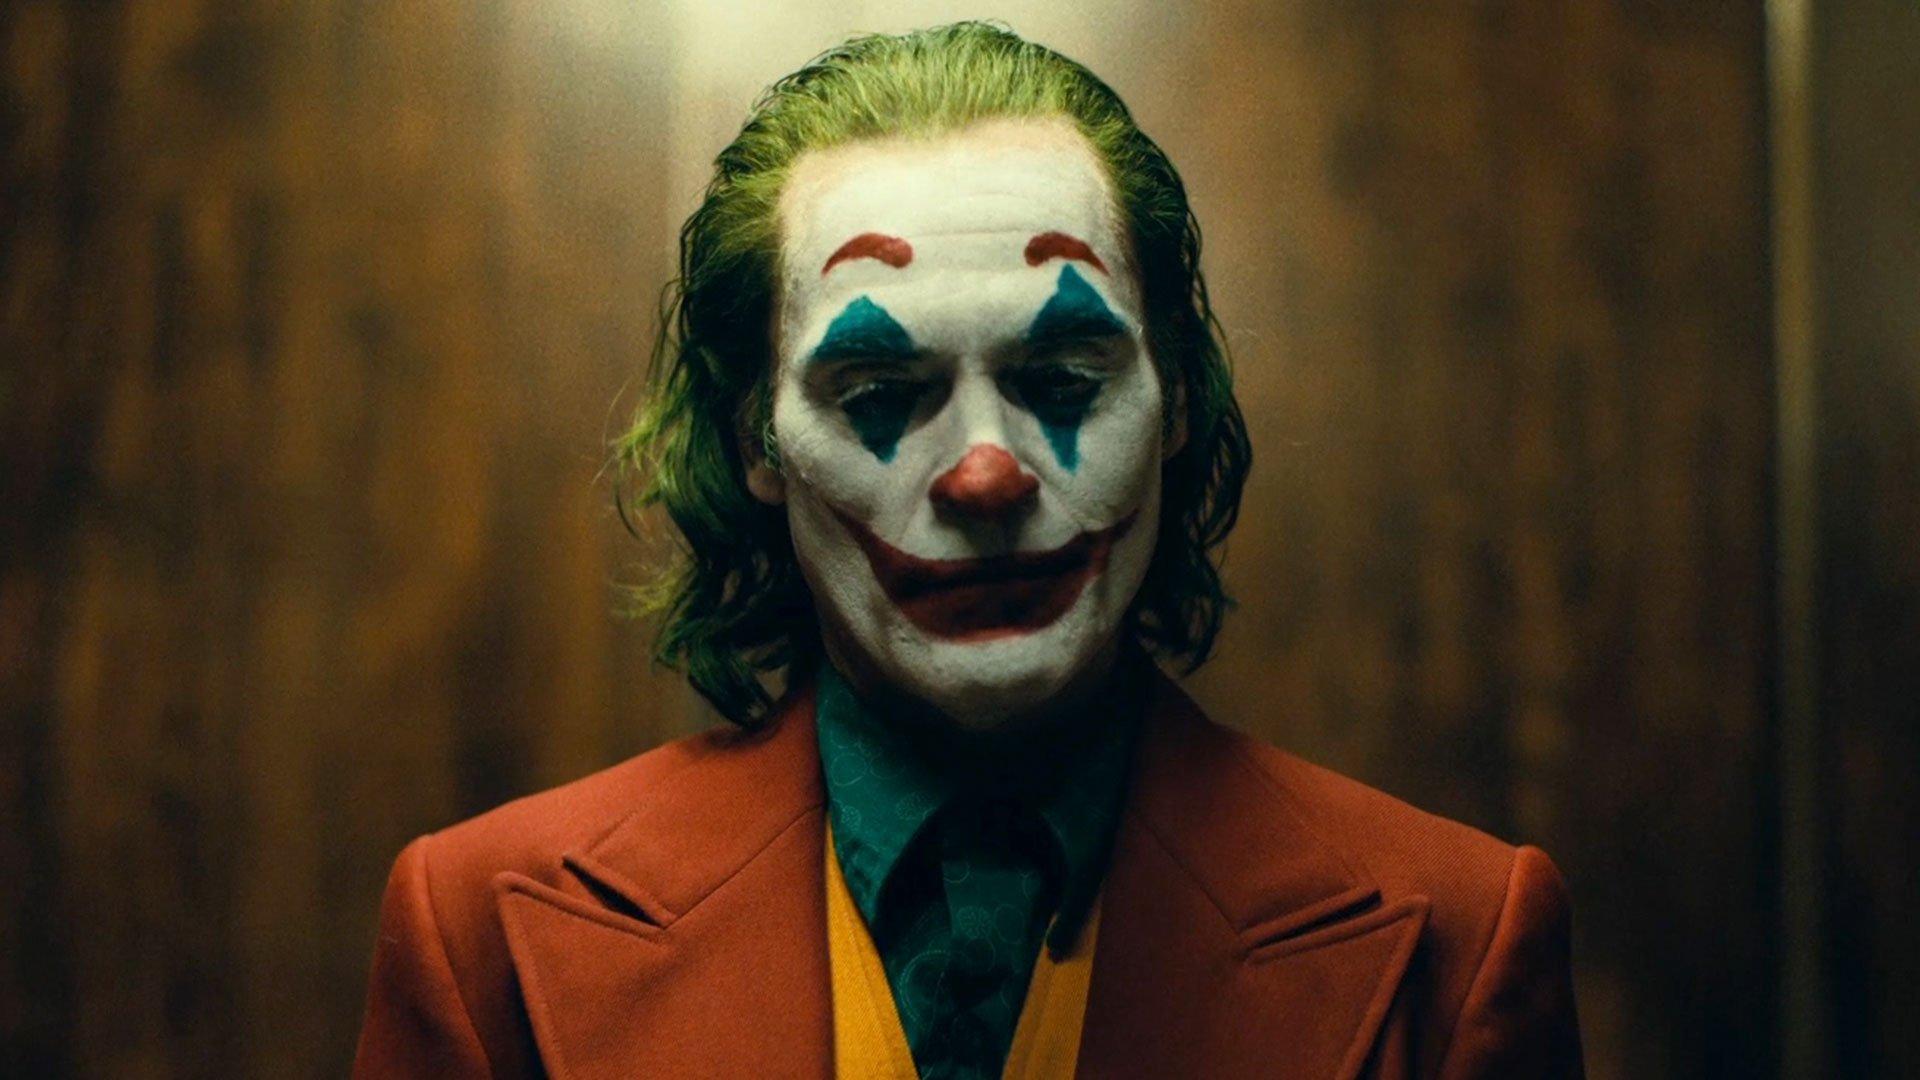 Image Result For Joker Film Review Video